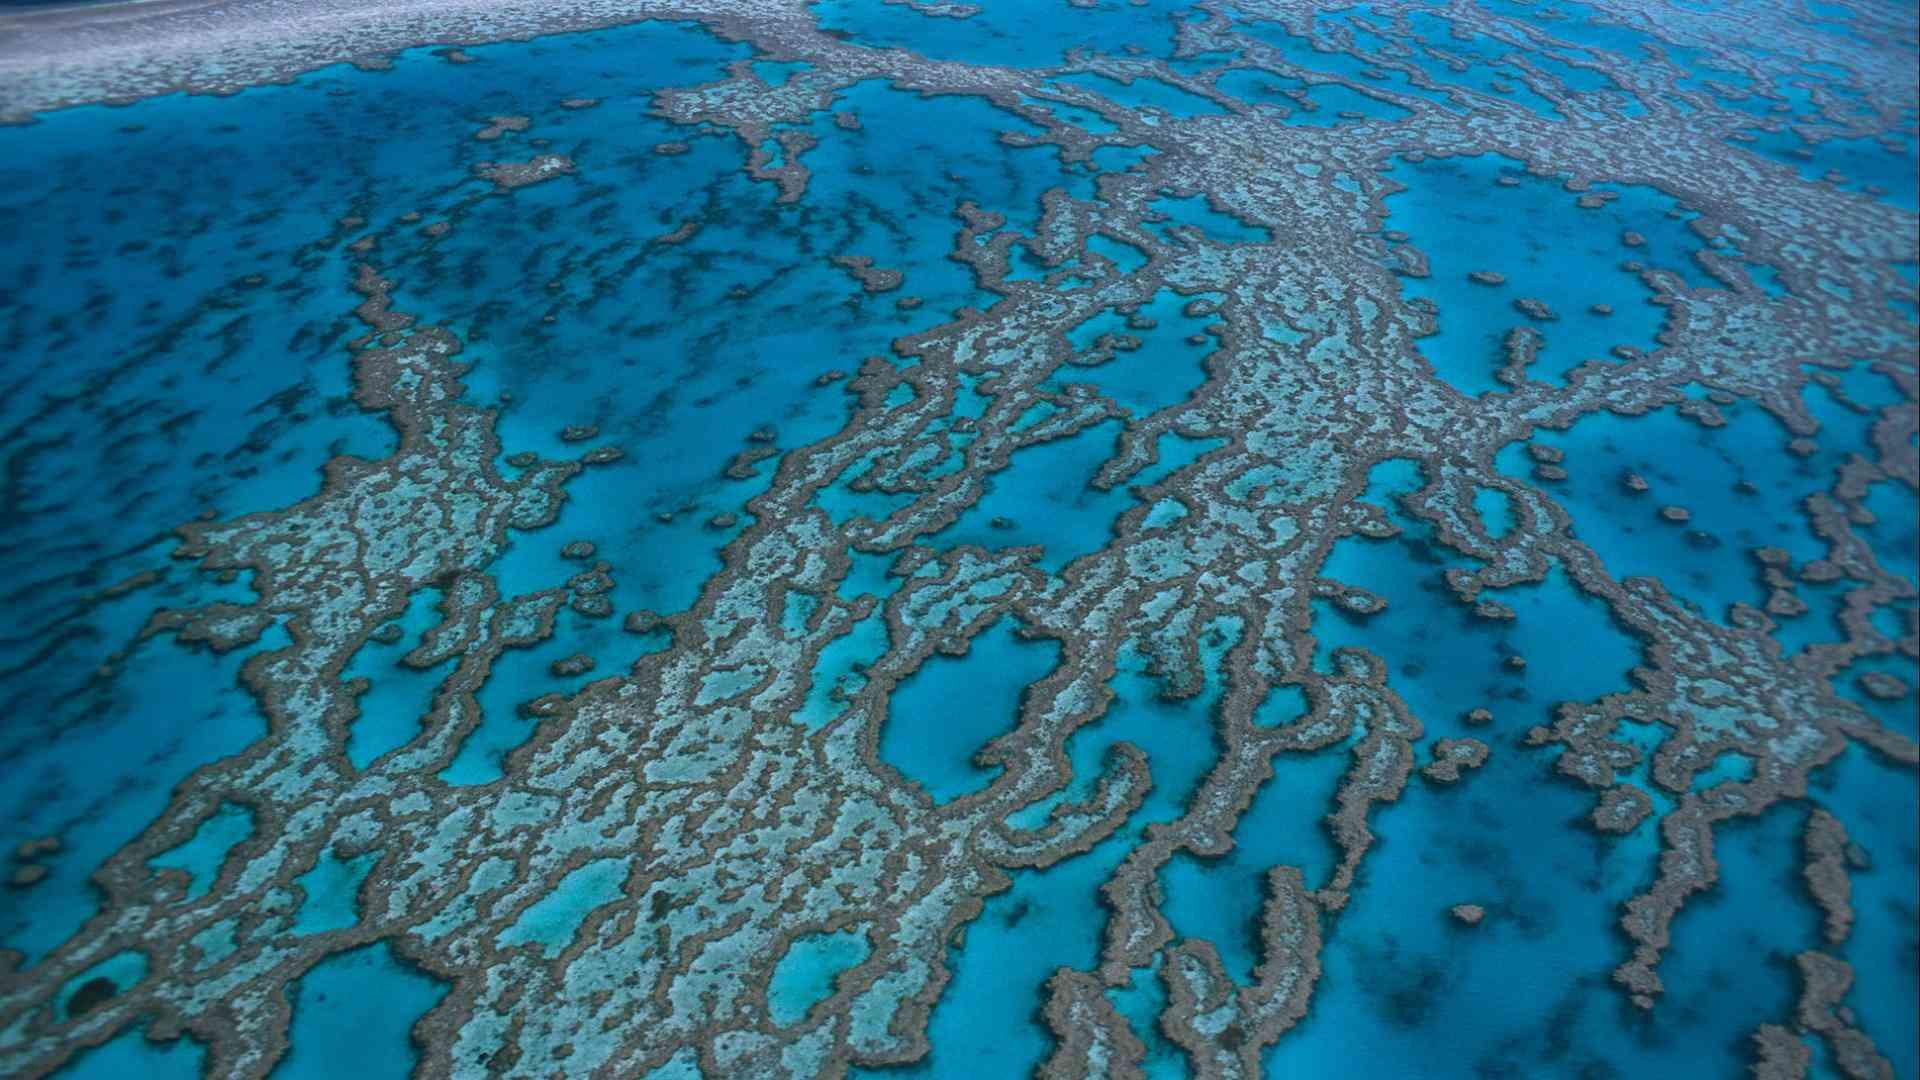 decouverte de la grande barriere de corail australienne